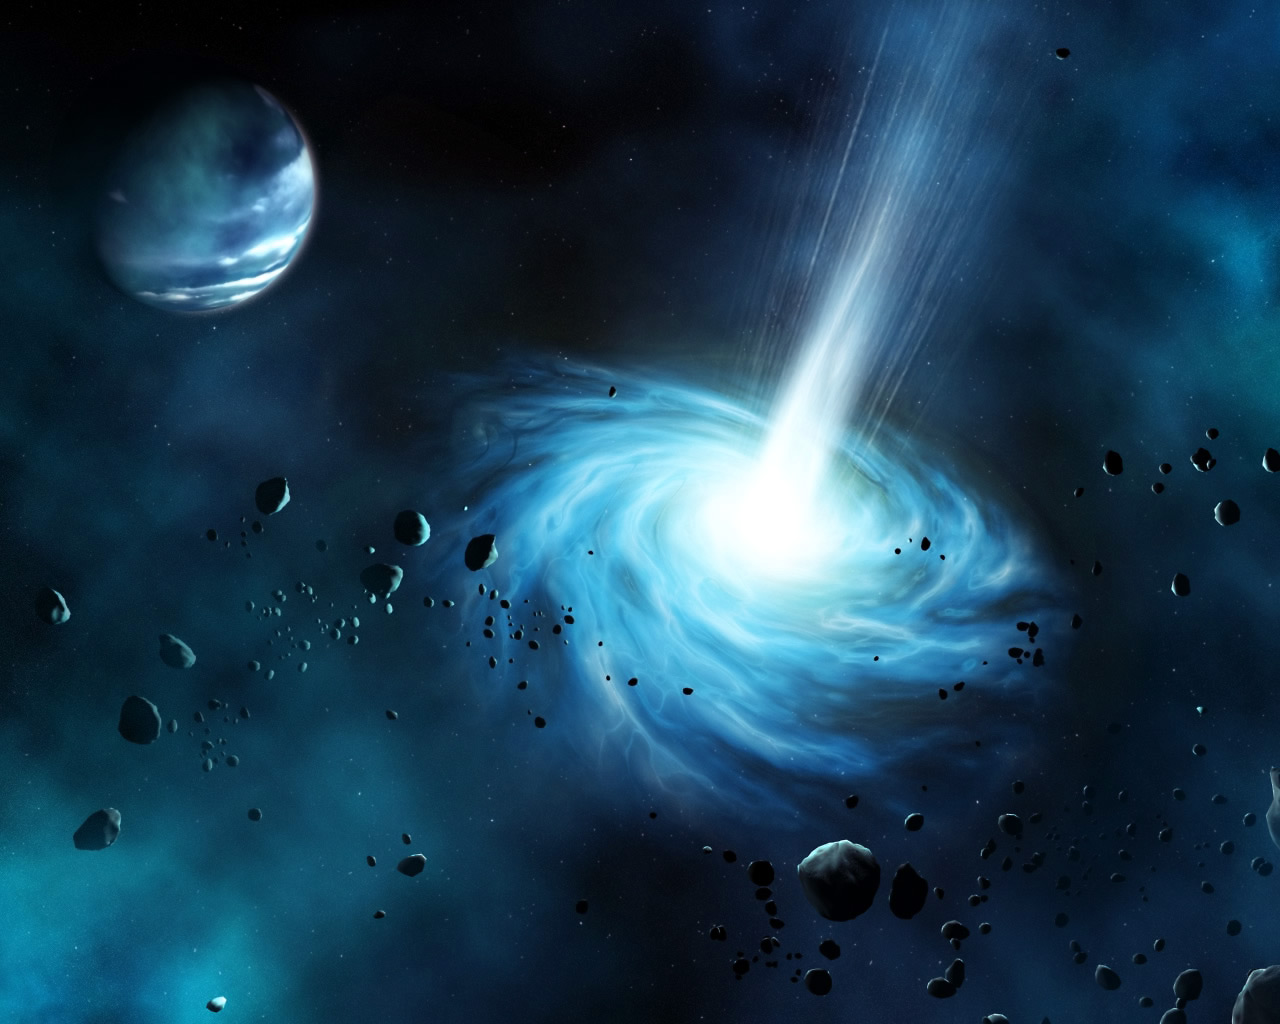 http://3.bp.blogspot.com/_KIrT_9JM5qo/TCNWiaAIjQI/AAAAAAAAAVU/rcHluZpwtNw/s1600/Space_Worm-Hole.jpg